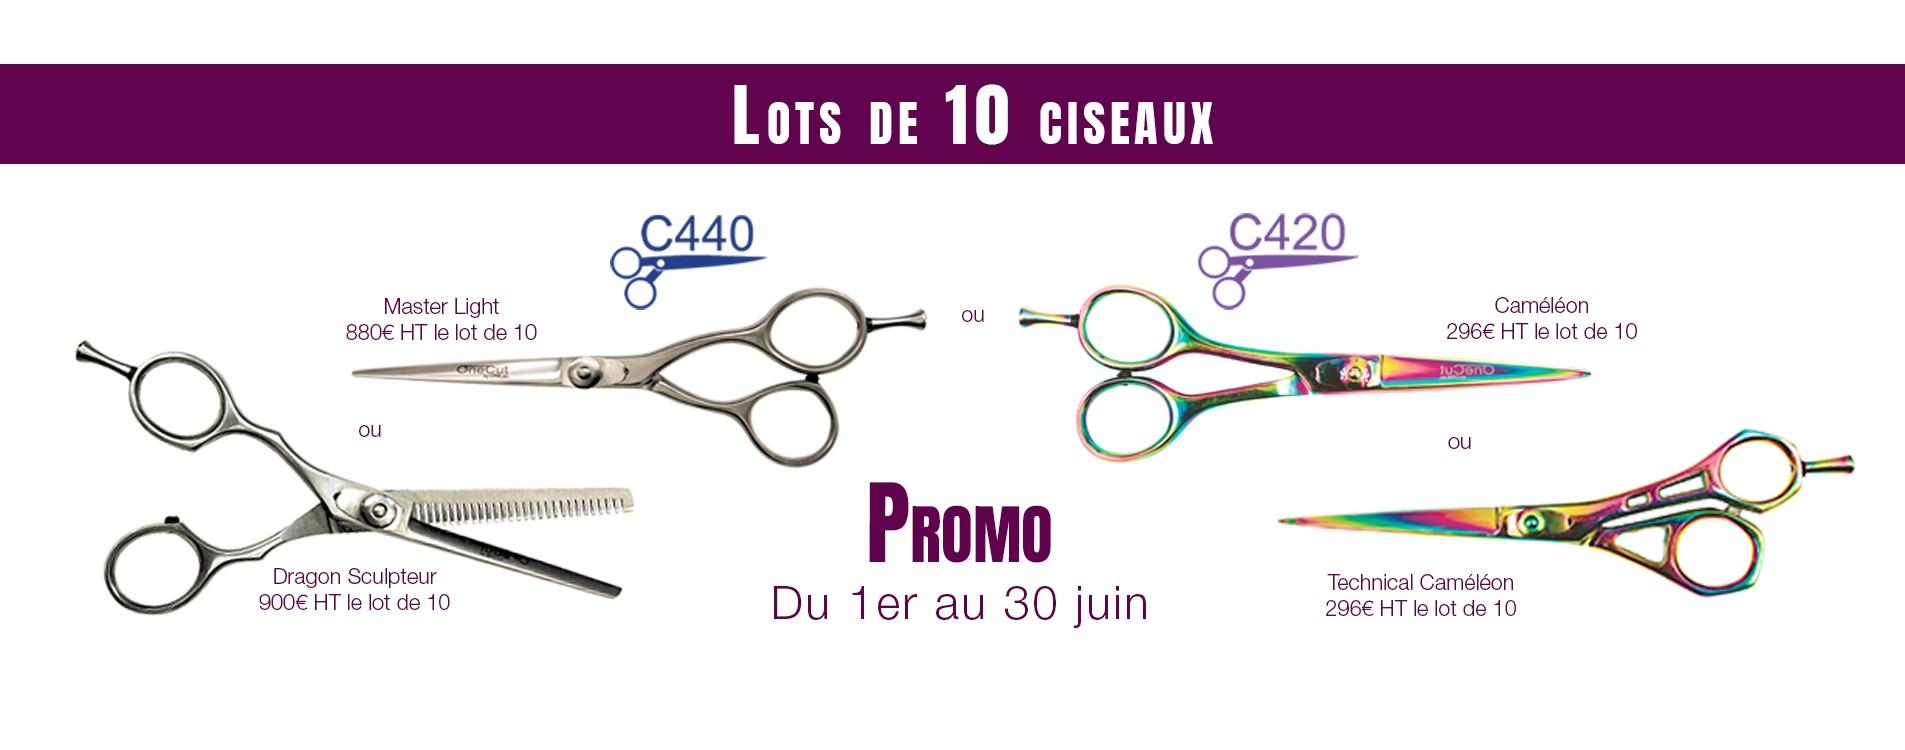 OneLac promotion ciseaux coiffeur